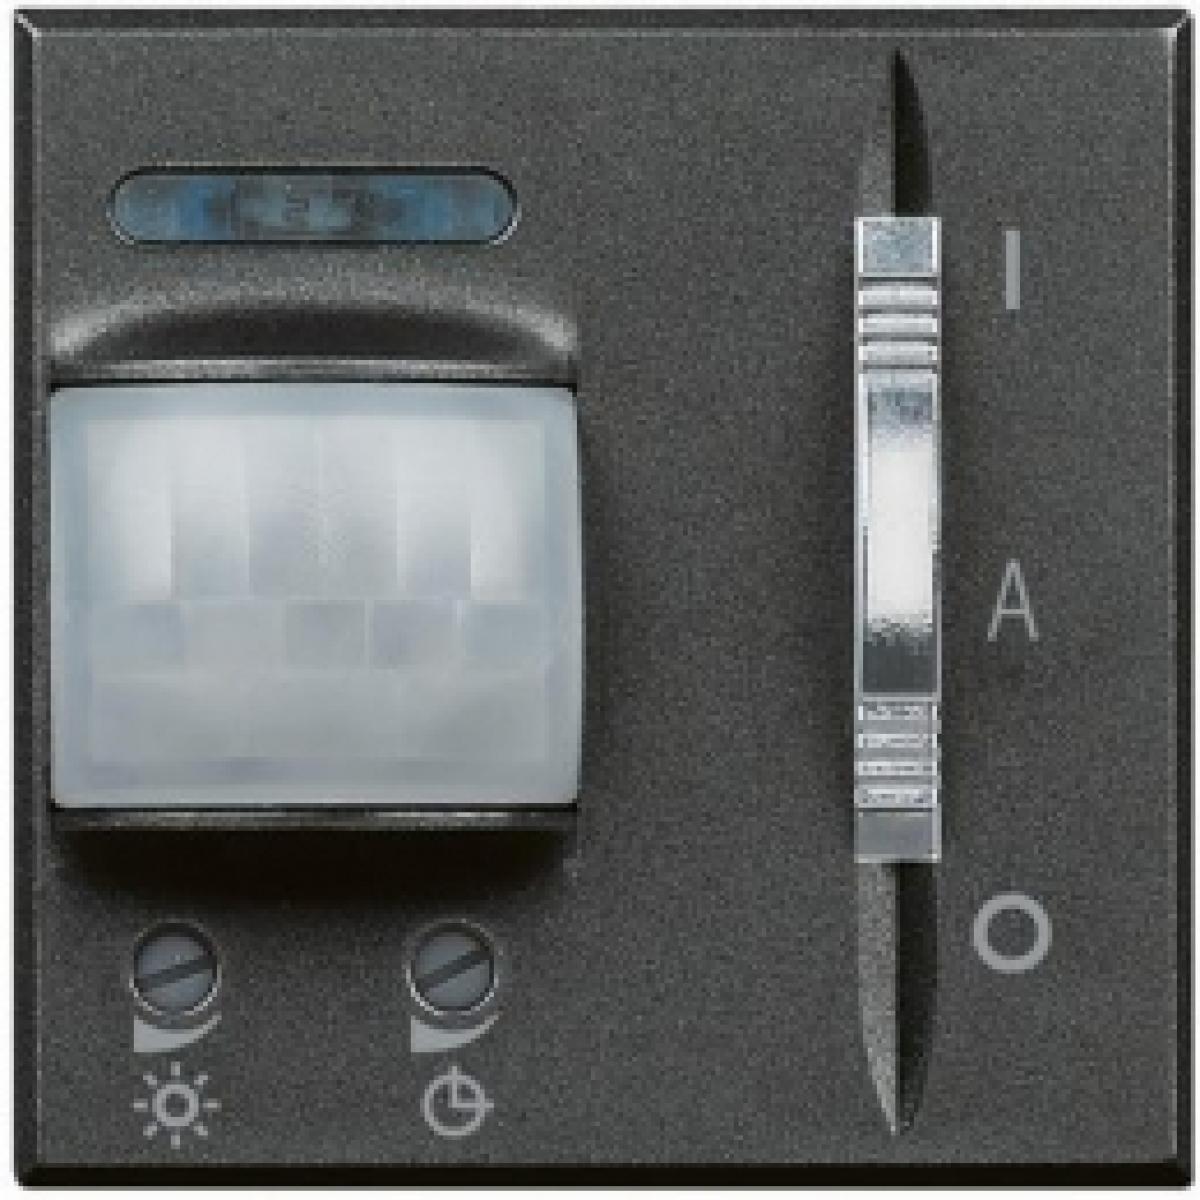 Interruttore infrarosso passivo bticino axolute 500w scuro HS4432